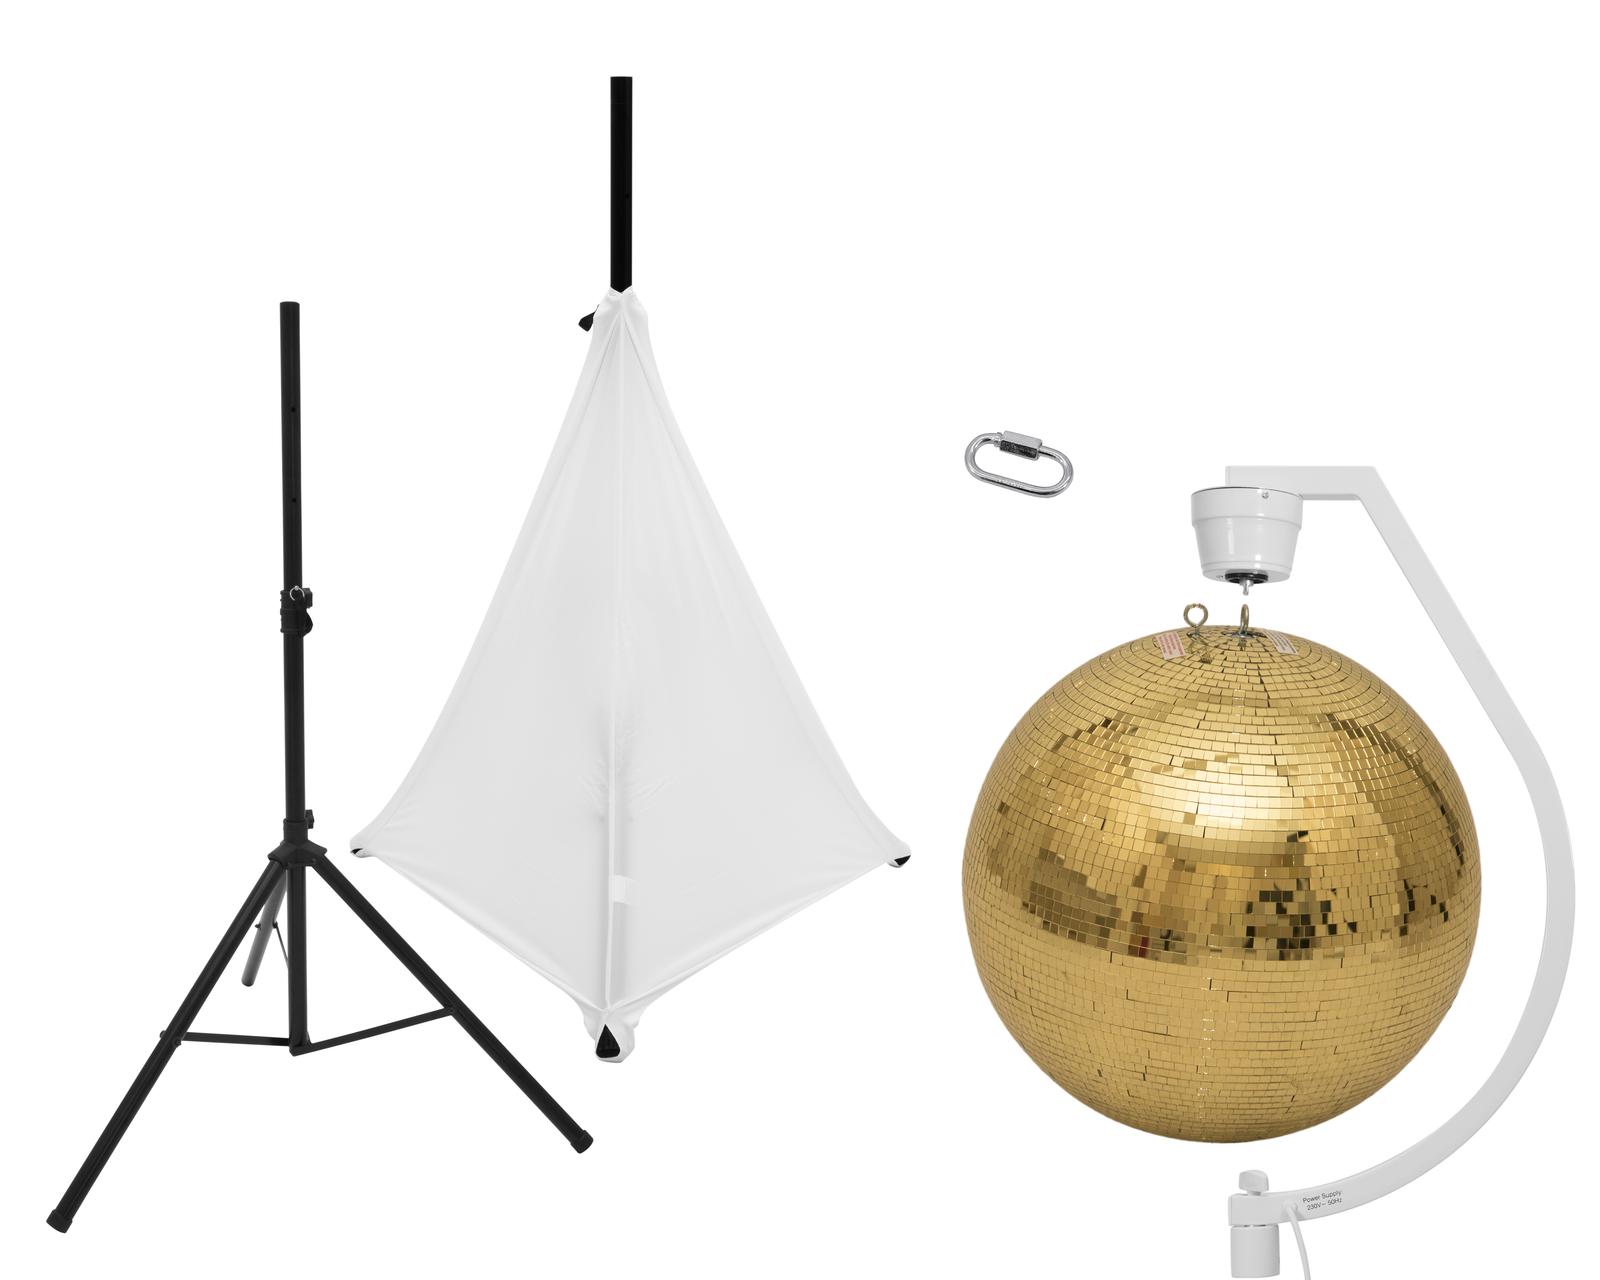 EUROLITE Set Spiegelkugel 50cm gold mit Stativ und Segel weiß